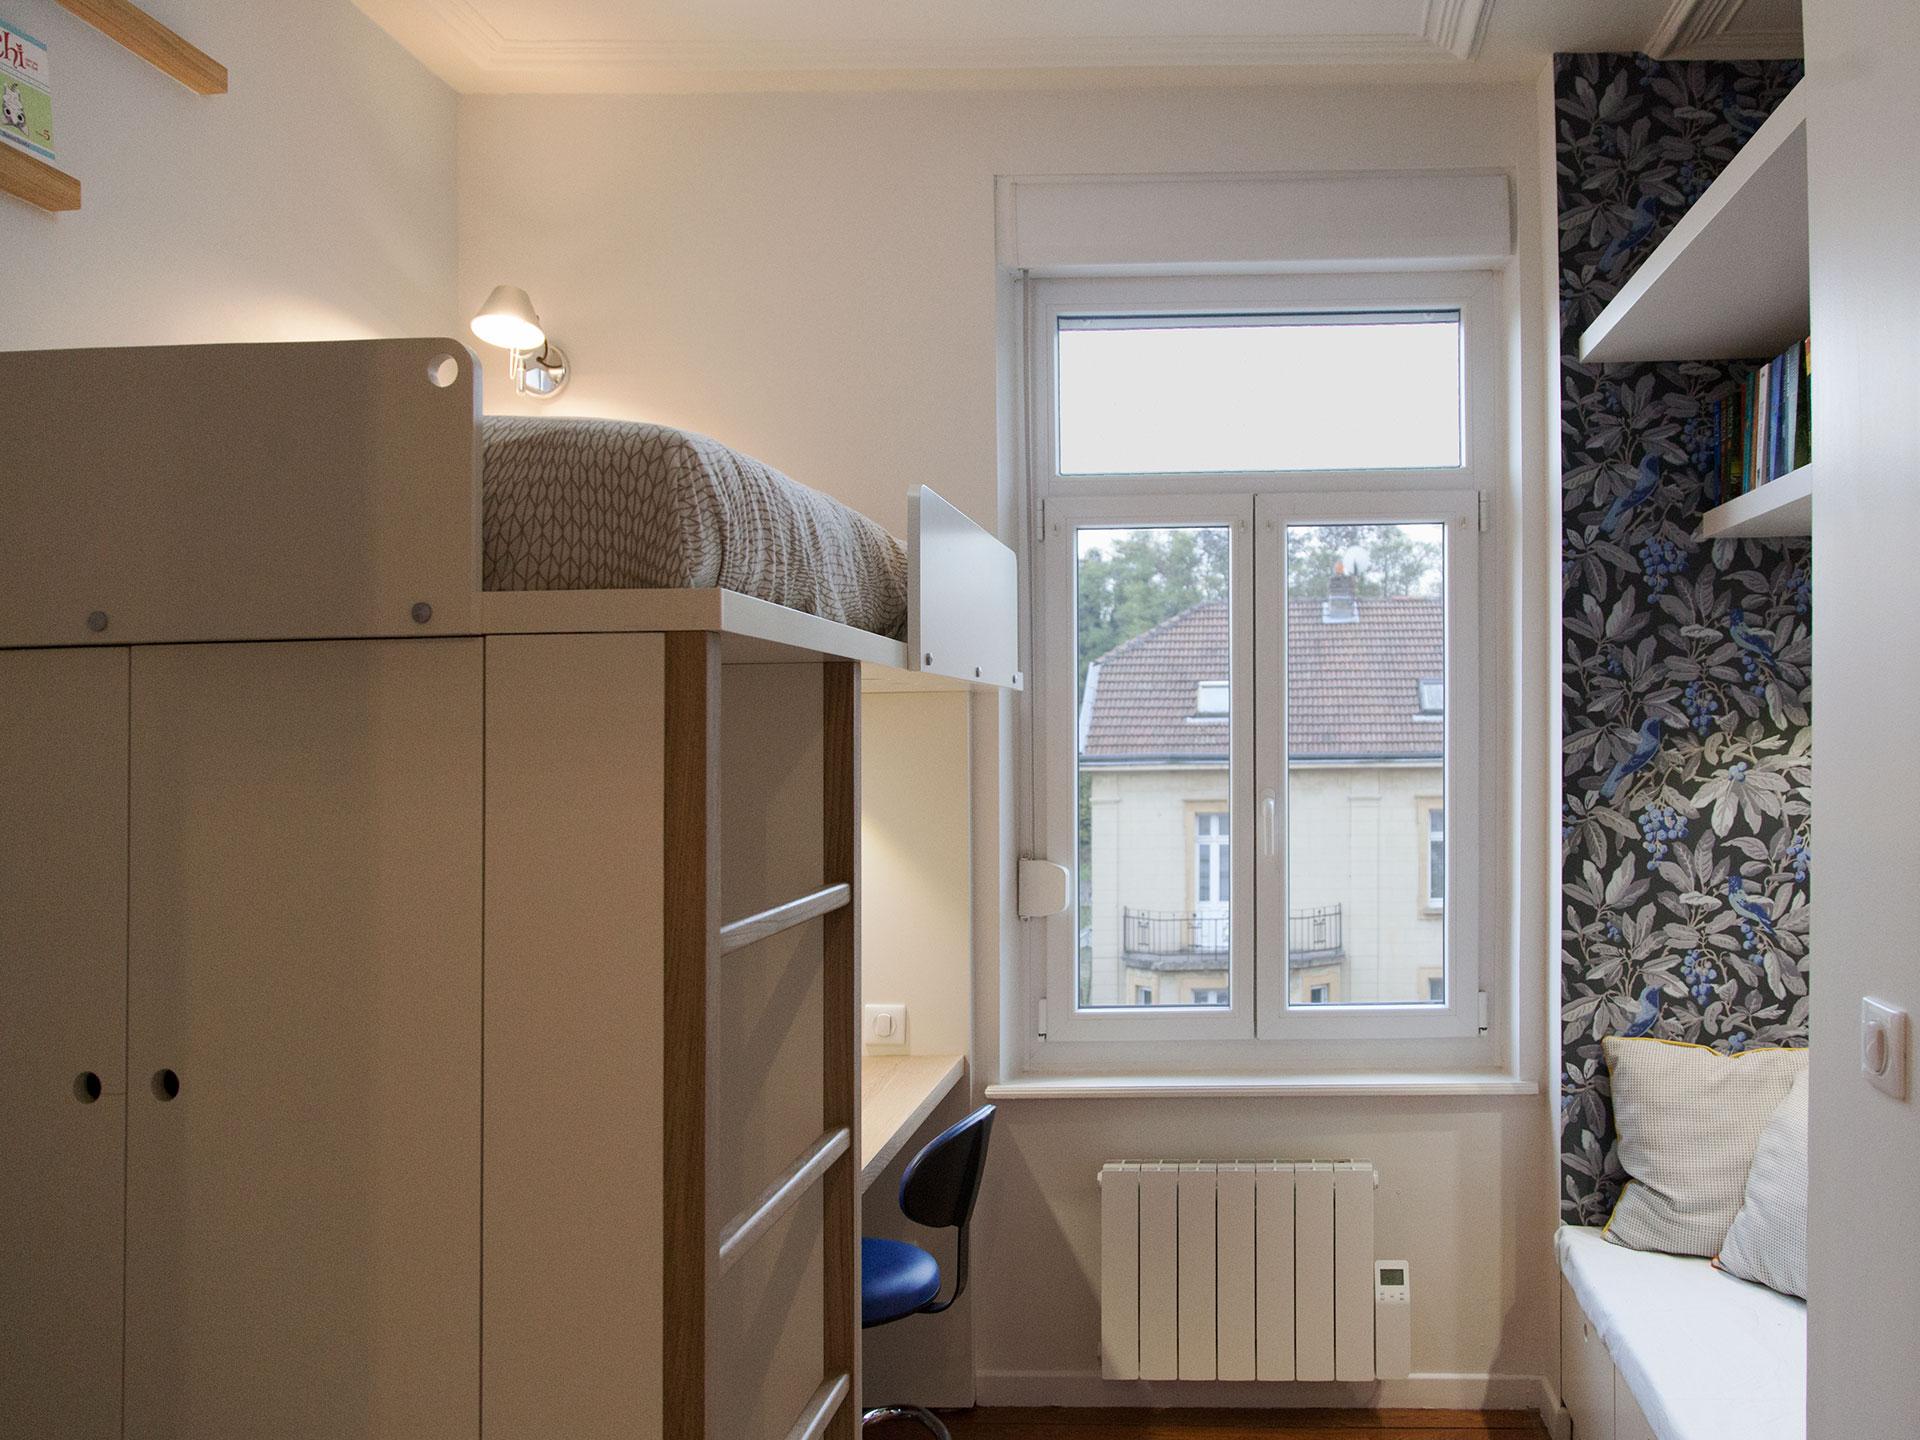 architecte interieur metz photographe metz intrieur accueil cabinet dentaire nancy eurodif. Black Bedroom Furniture Sets. Home Design Ideas